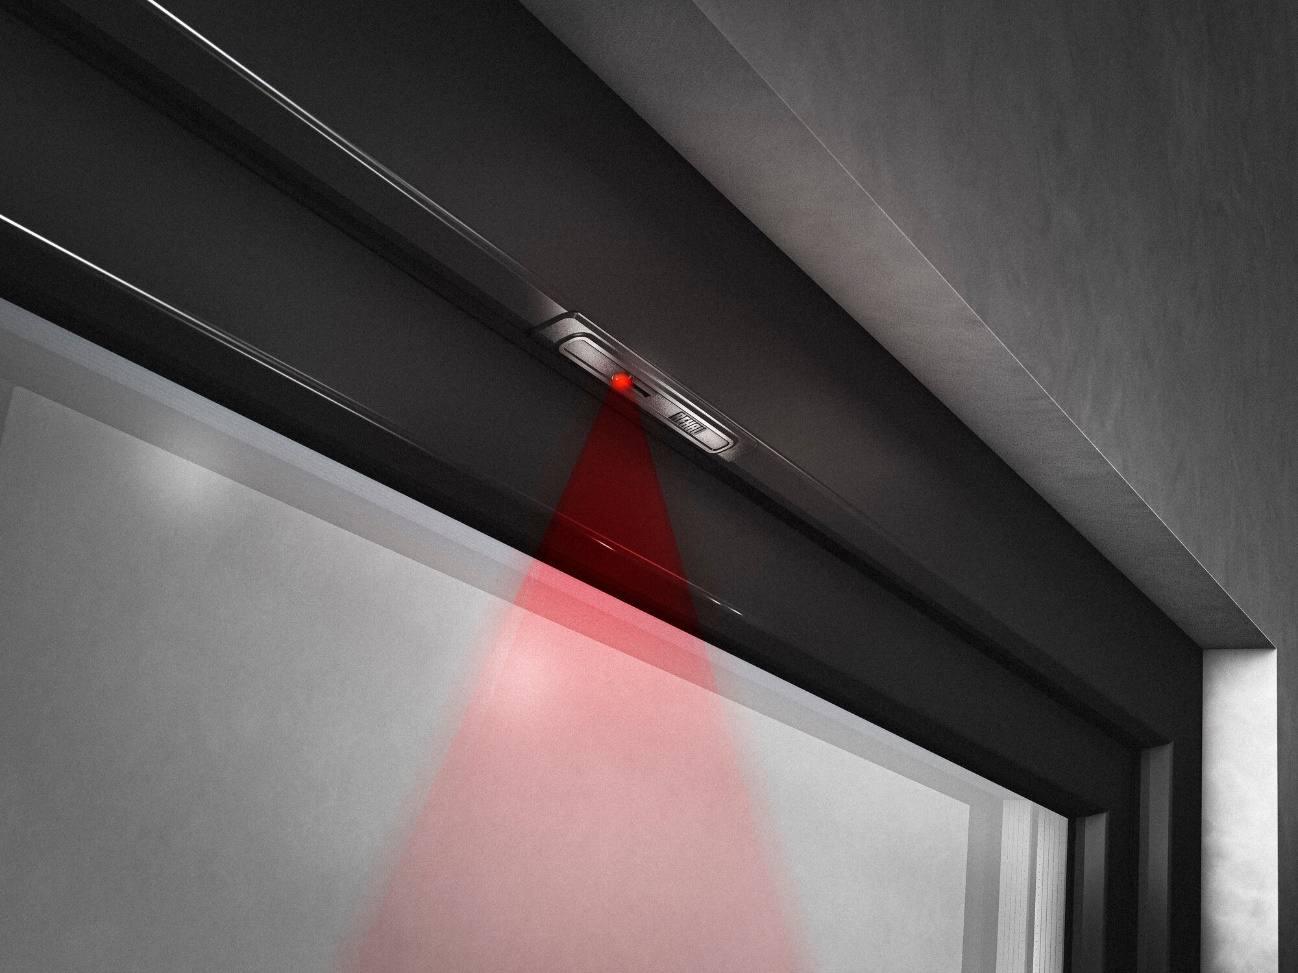 ventana-dispositivo-antirrobo